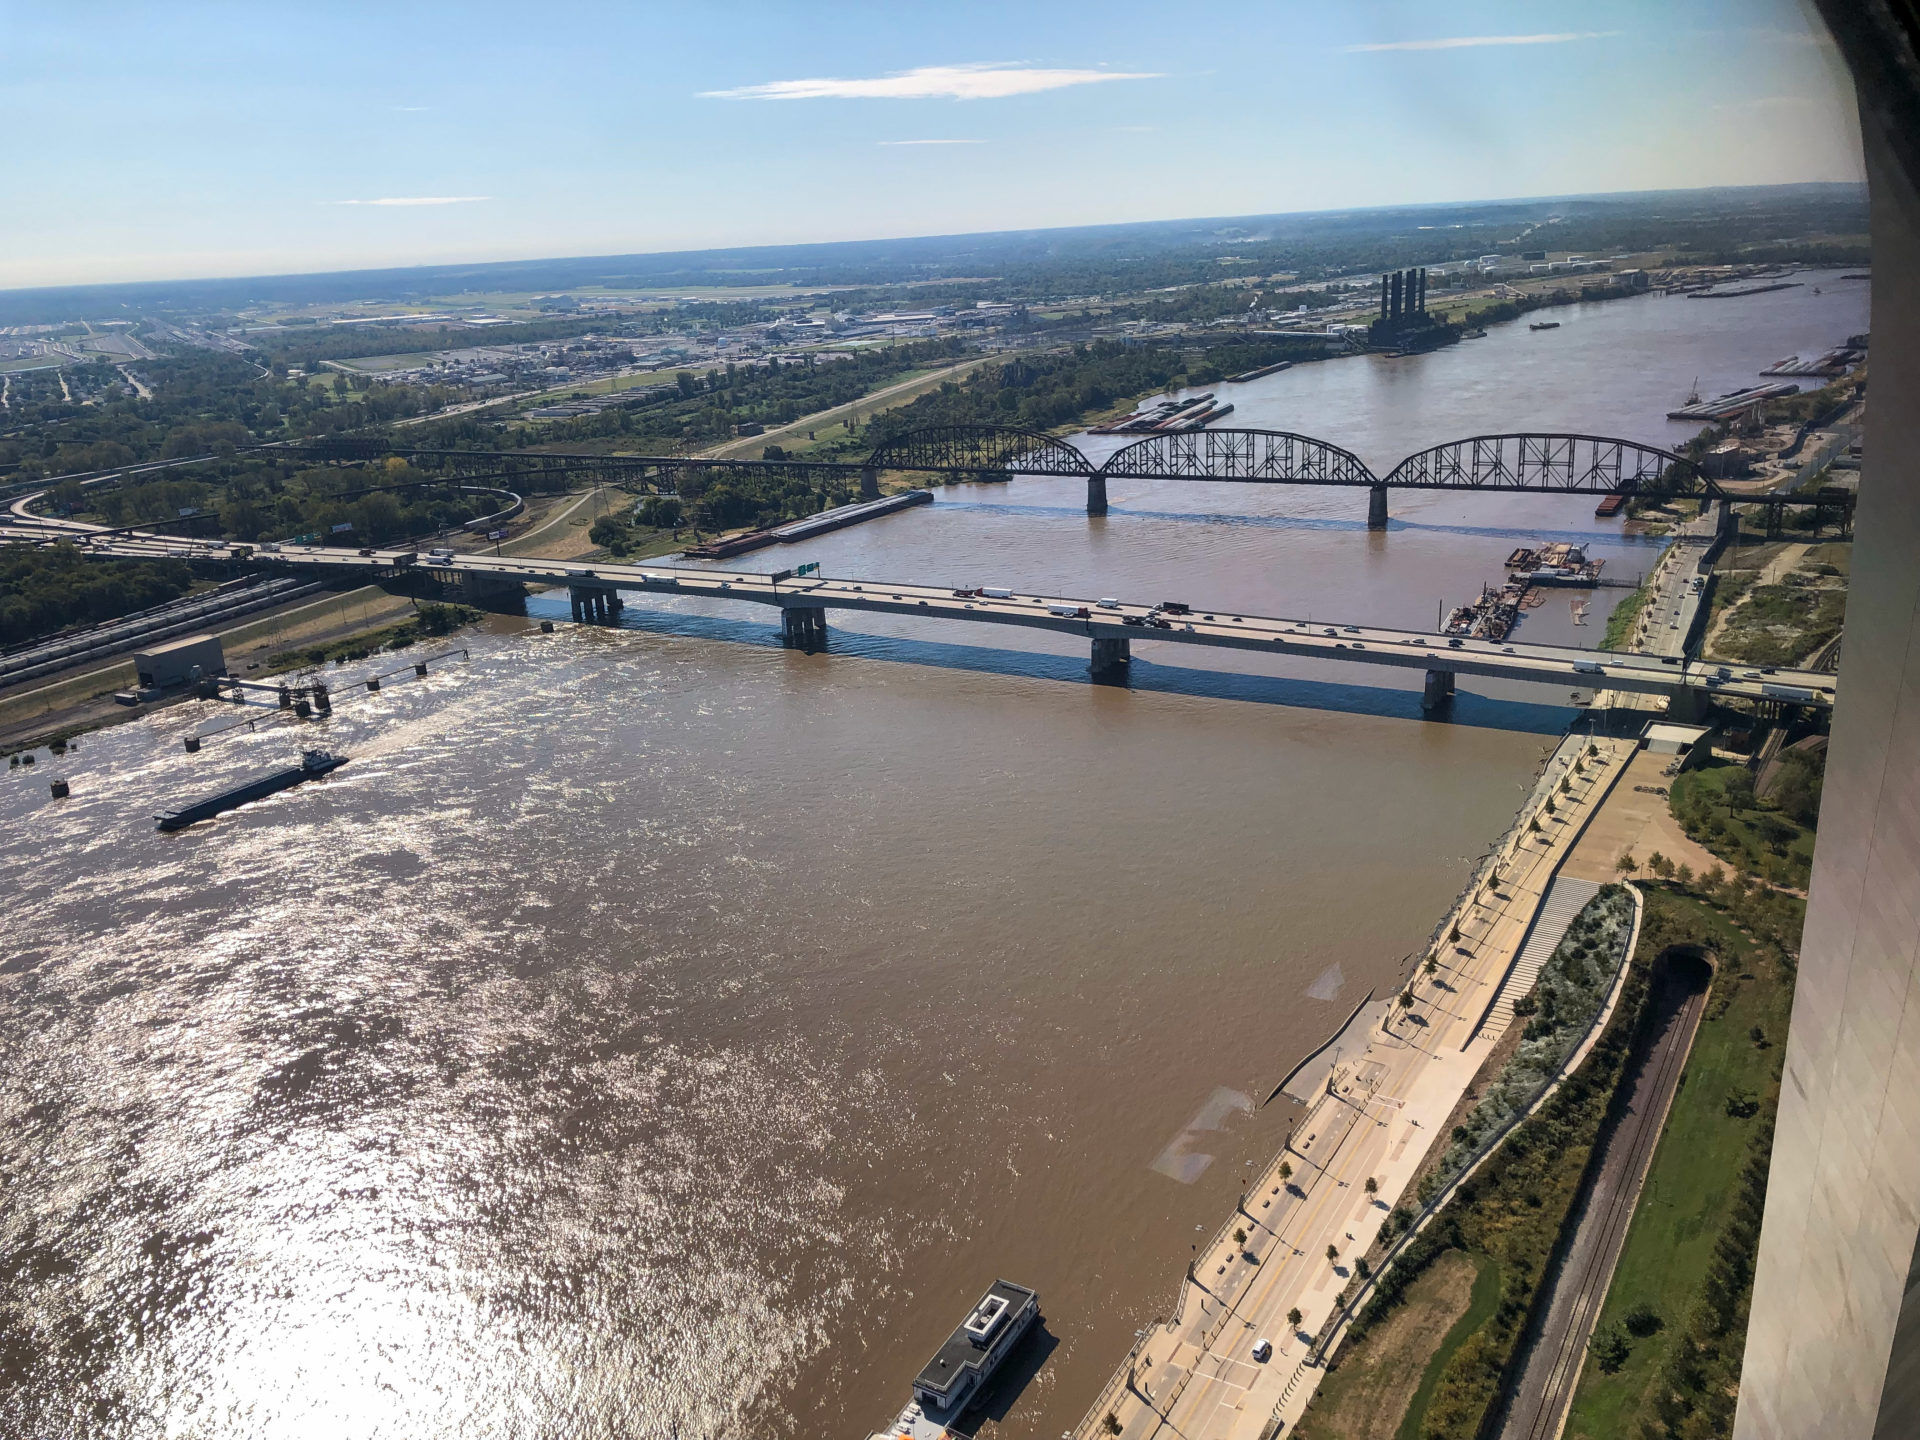 Blick über das braune Wasser des Mississippi in St. Louis aus 192 Metern Höhe